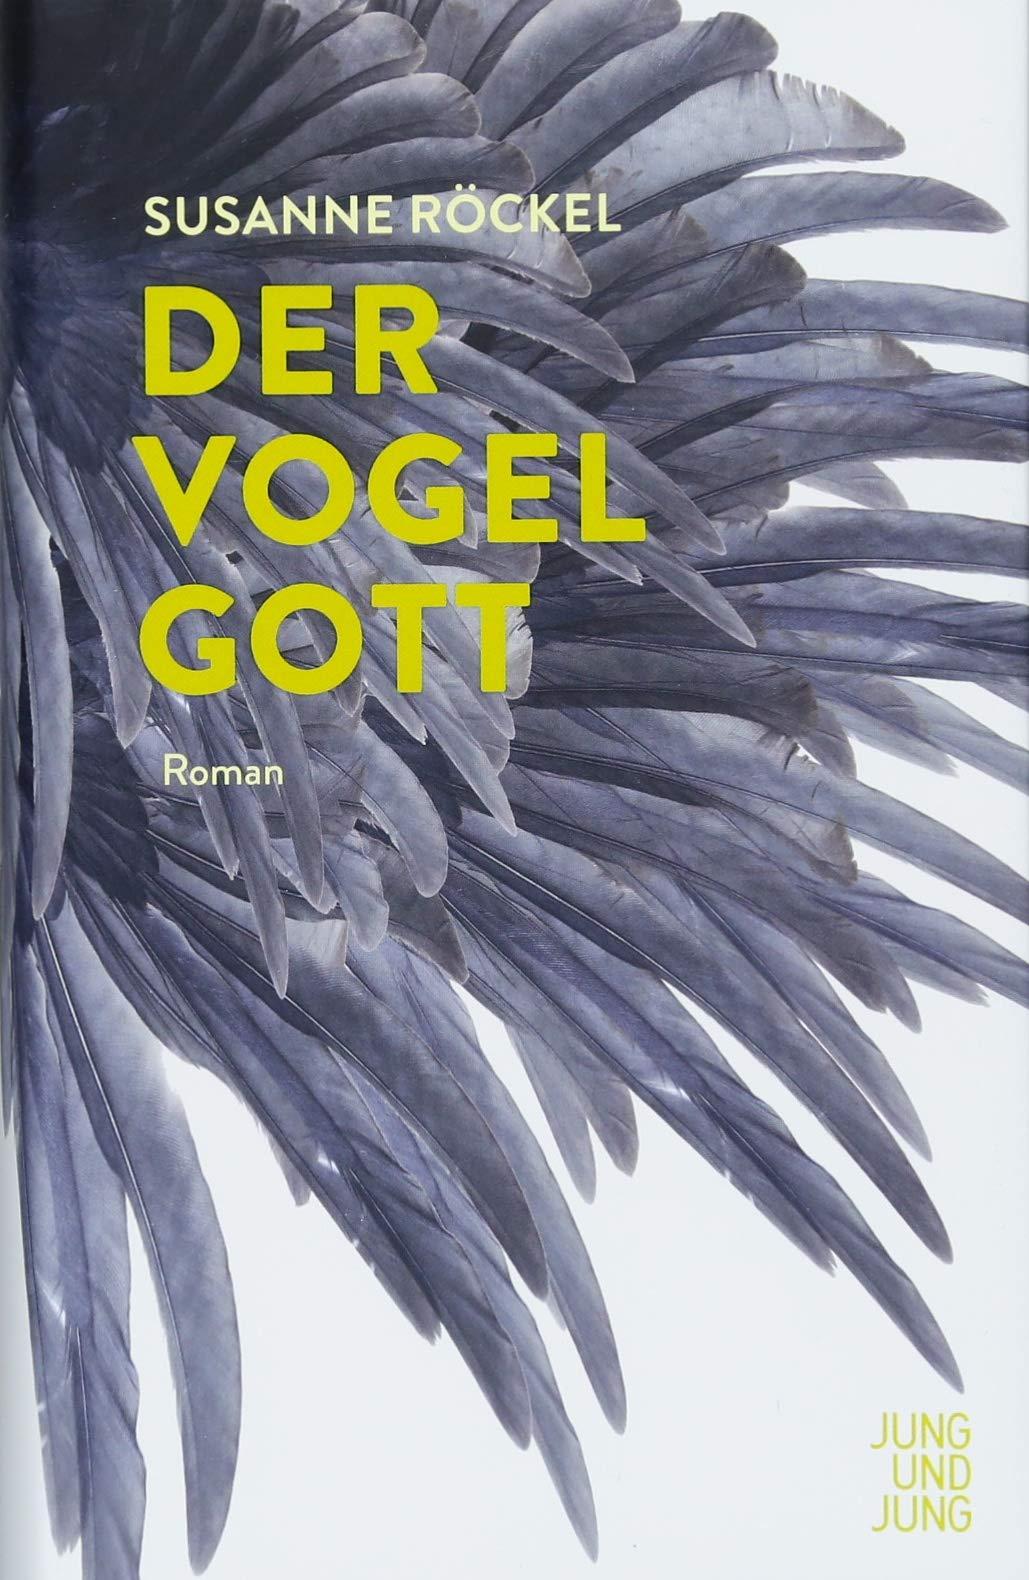 Susanne Röckel: Der Vogelgott